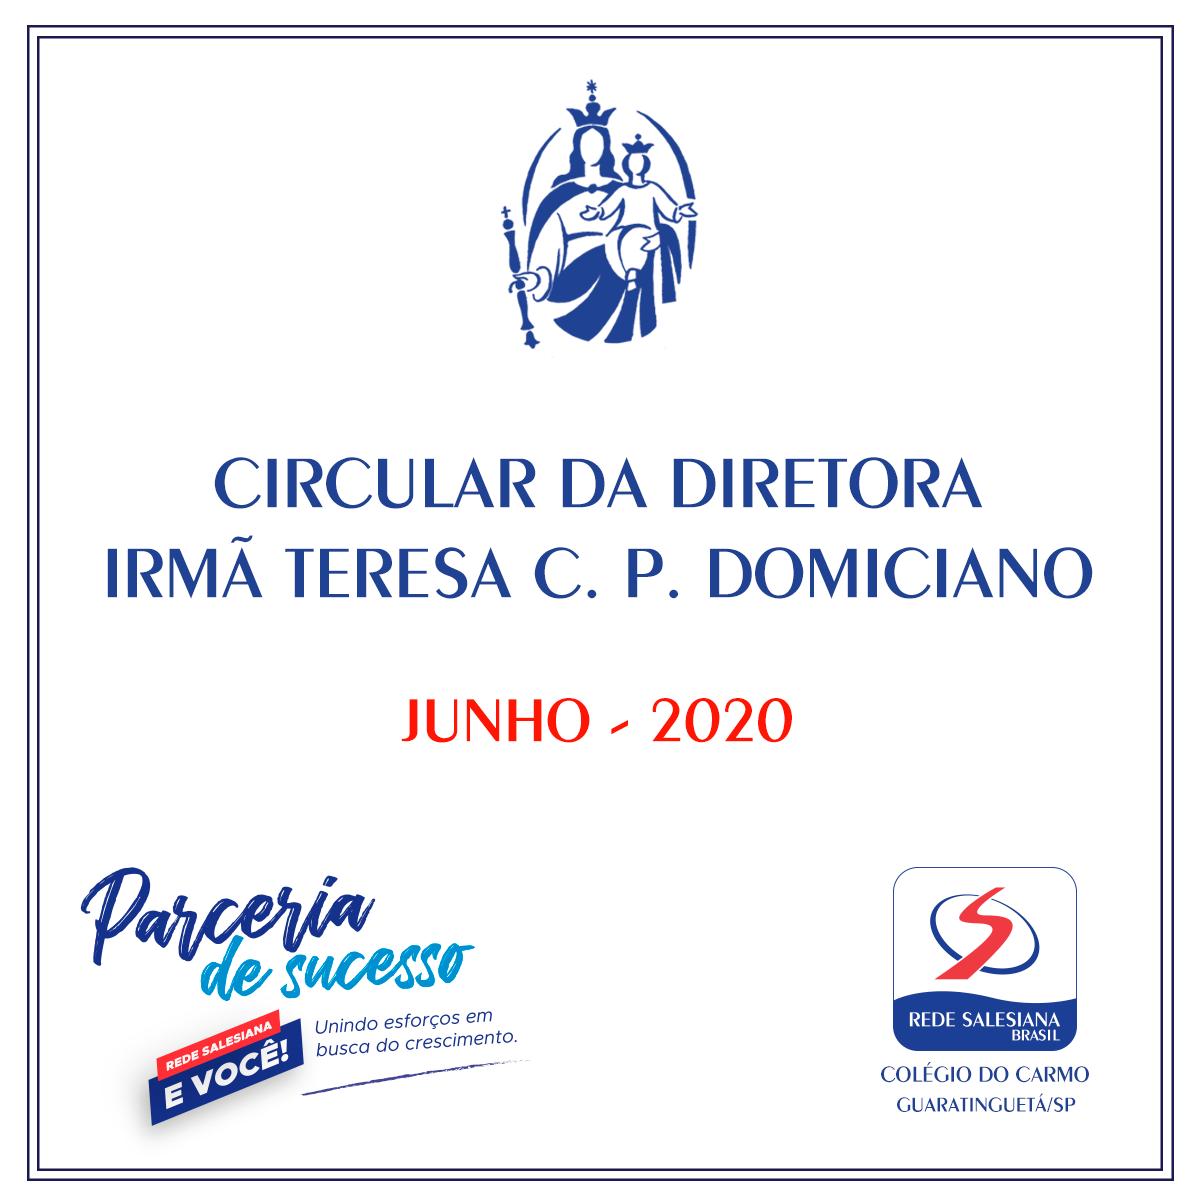 Circular da Diretora - Junho/2020